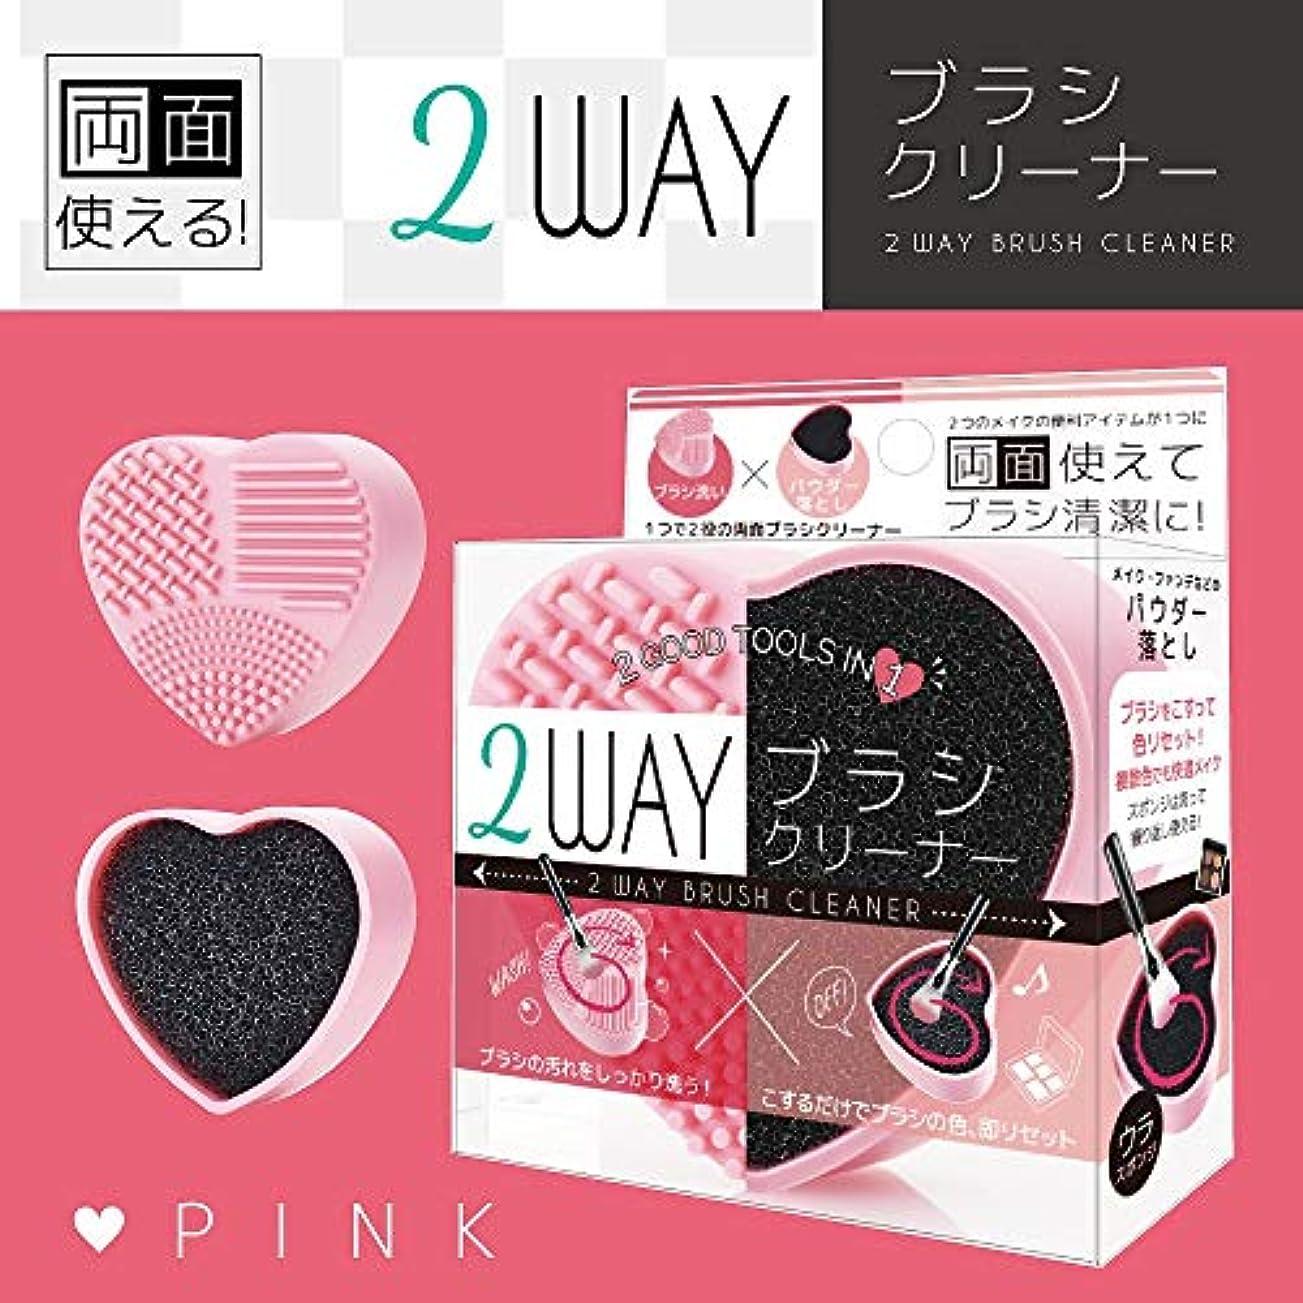 縫い目フォアマン写真を描く2WAYブラシクリーナー ピンク BC01